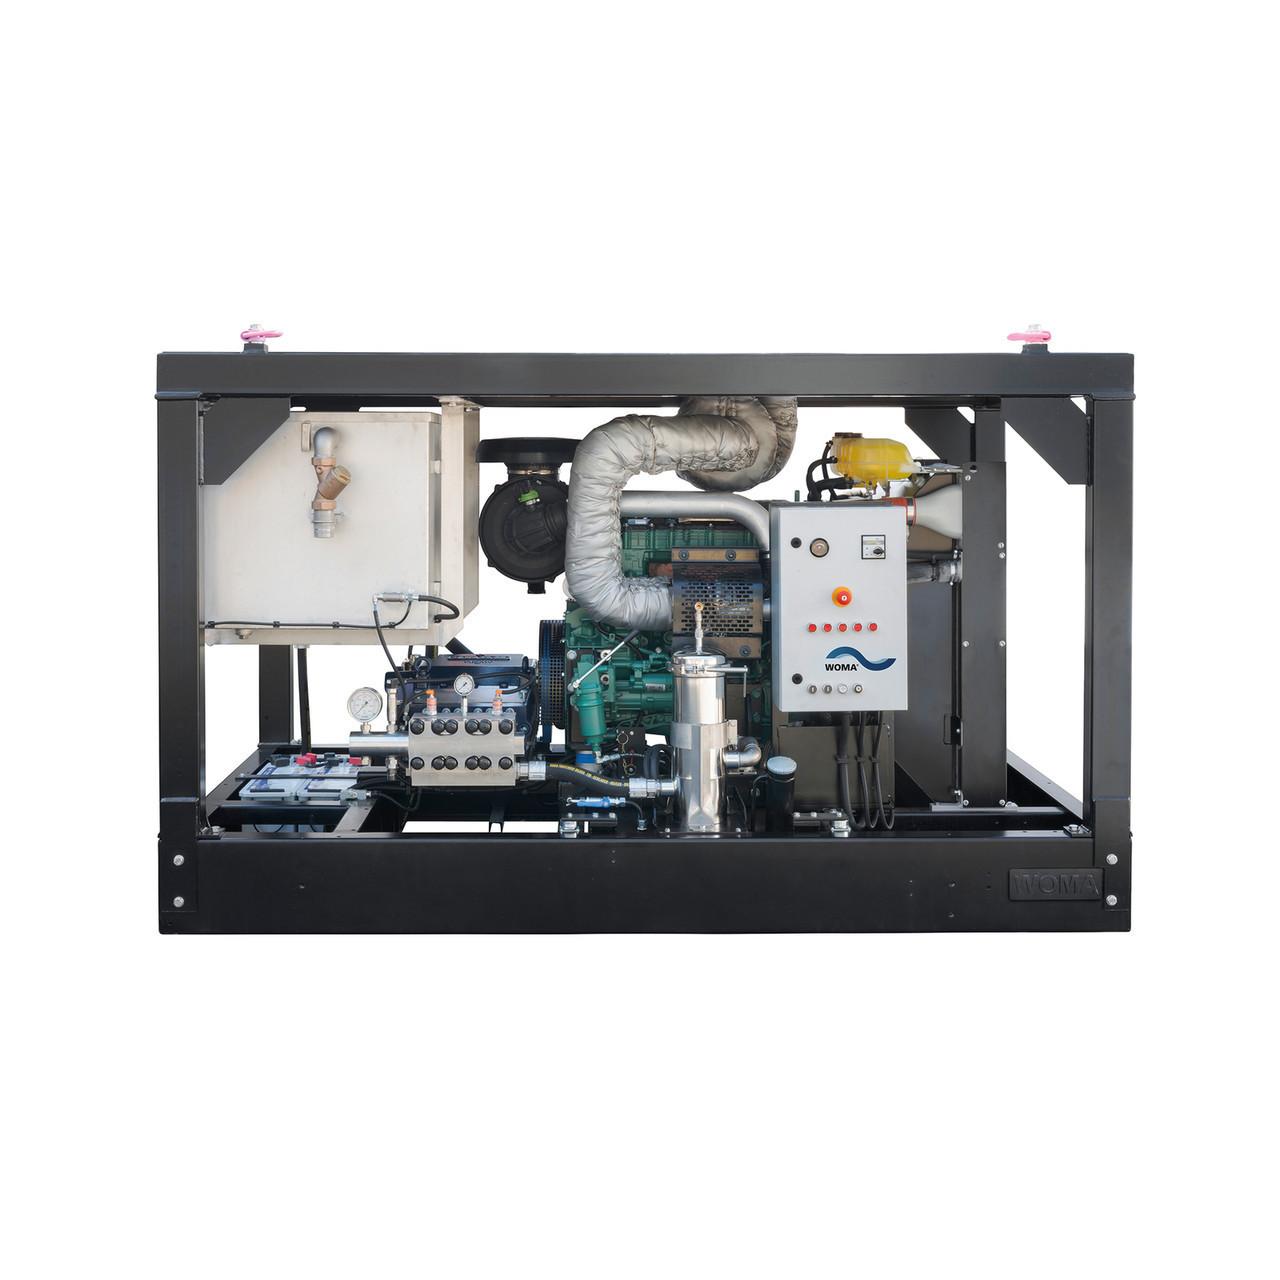 Насосная станция EcoMaster D 150Z WOMA высокого давления, стационарная